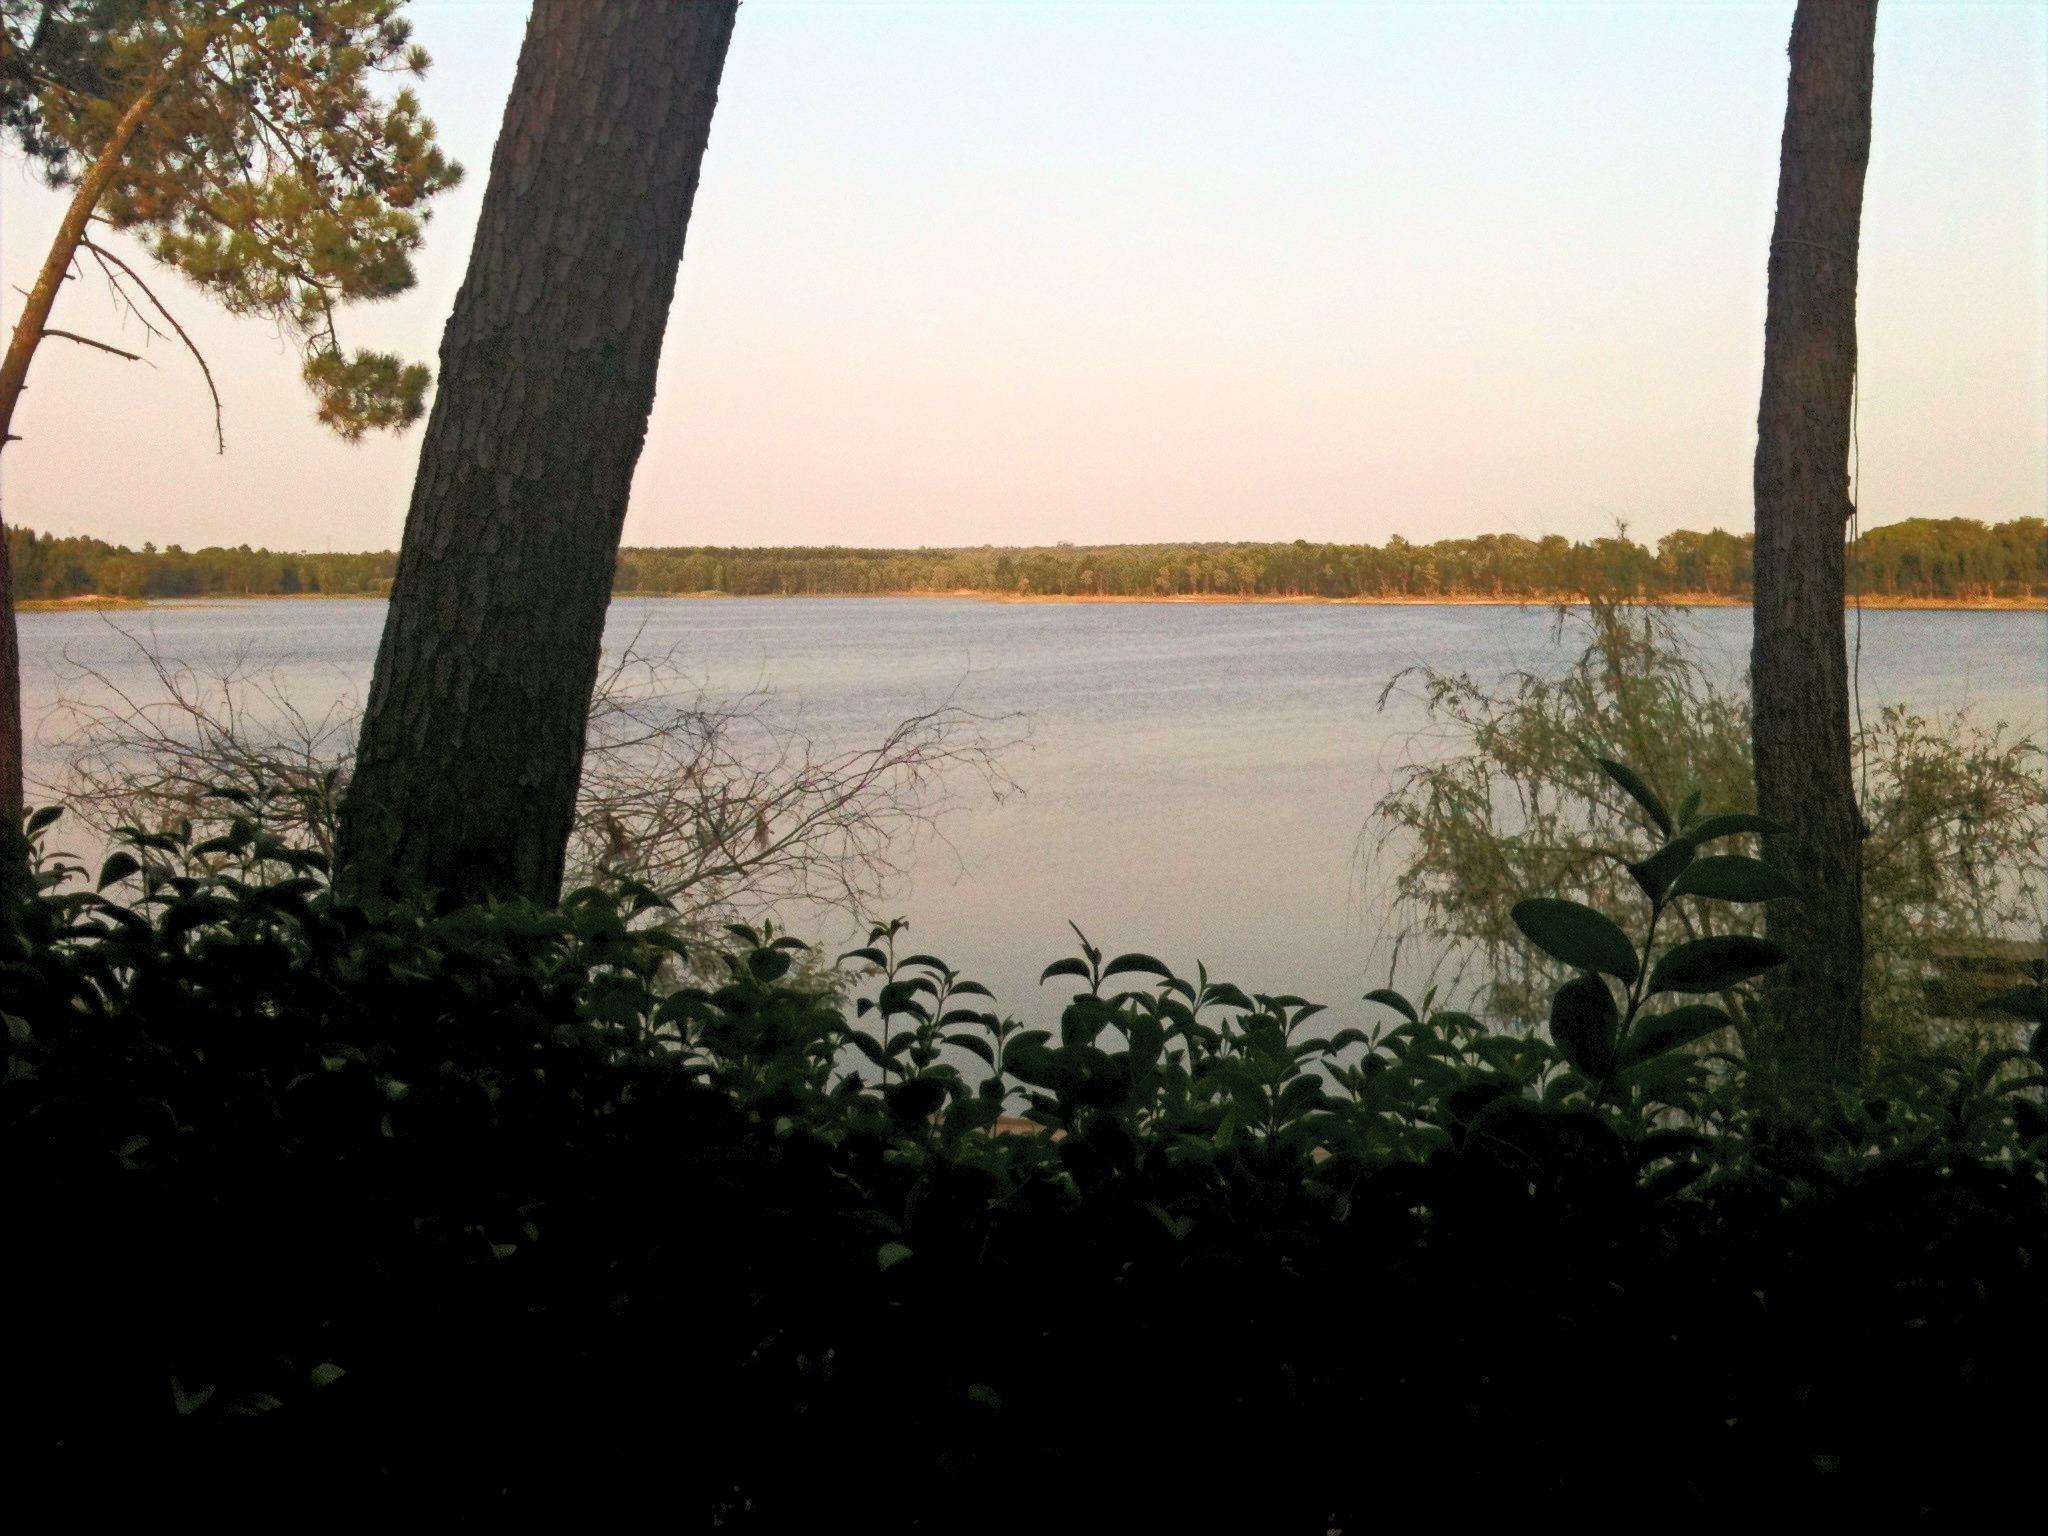 Vista bar barragem de Magos